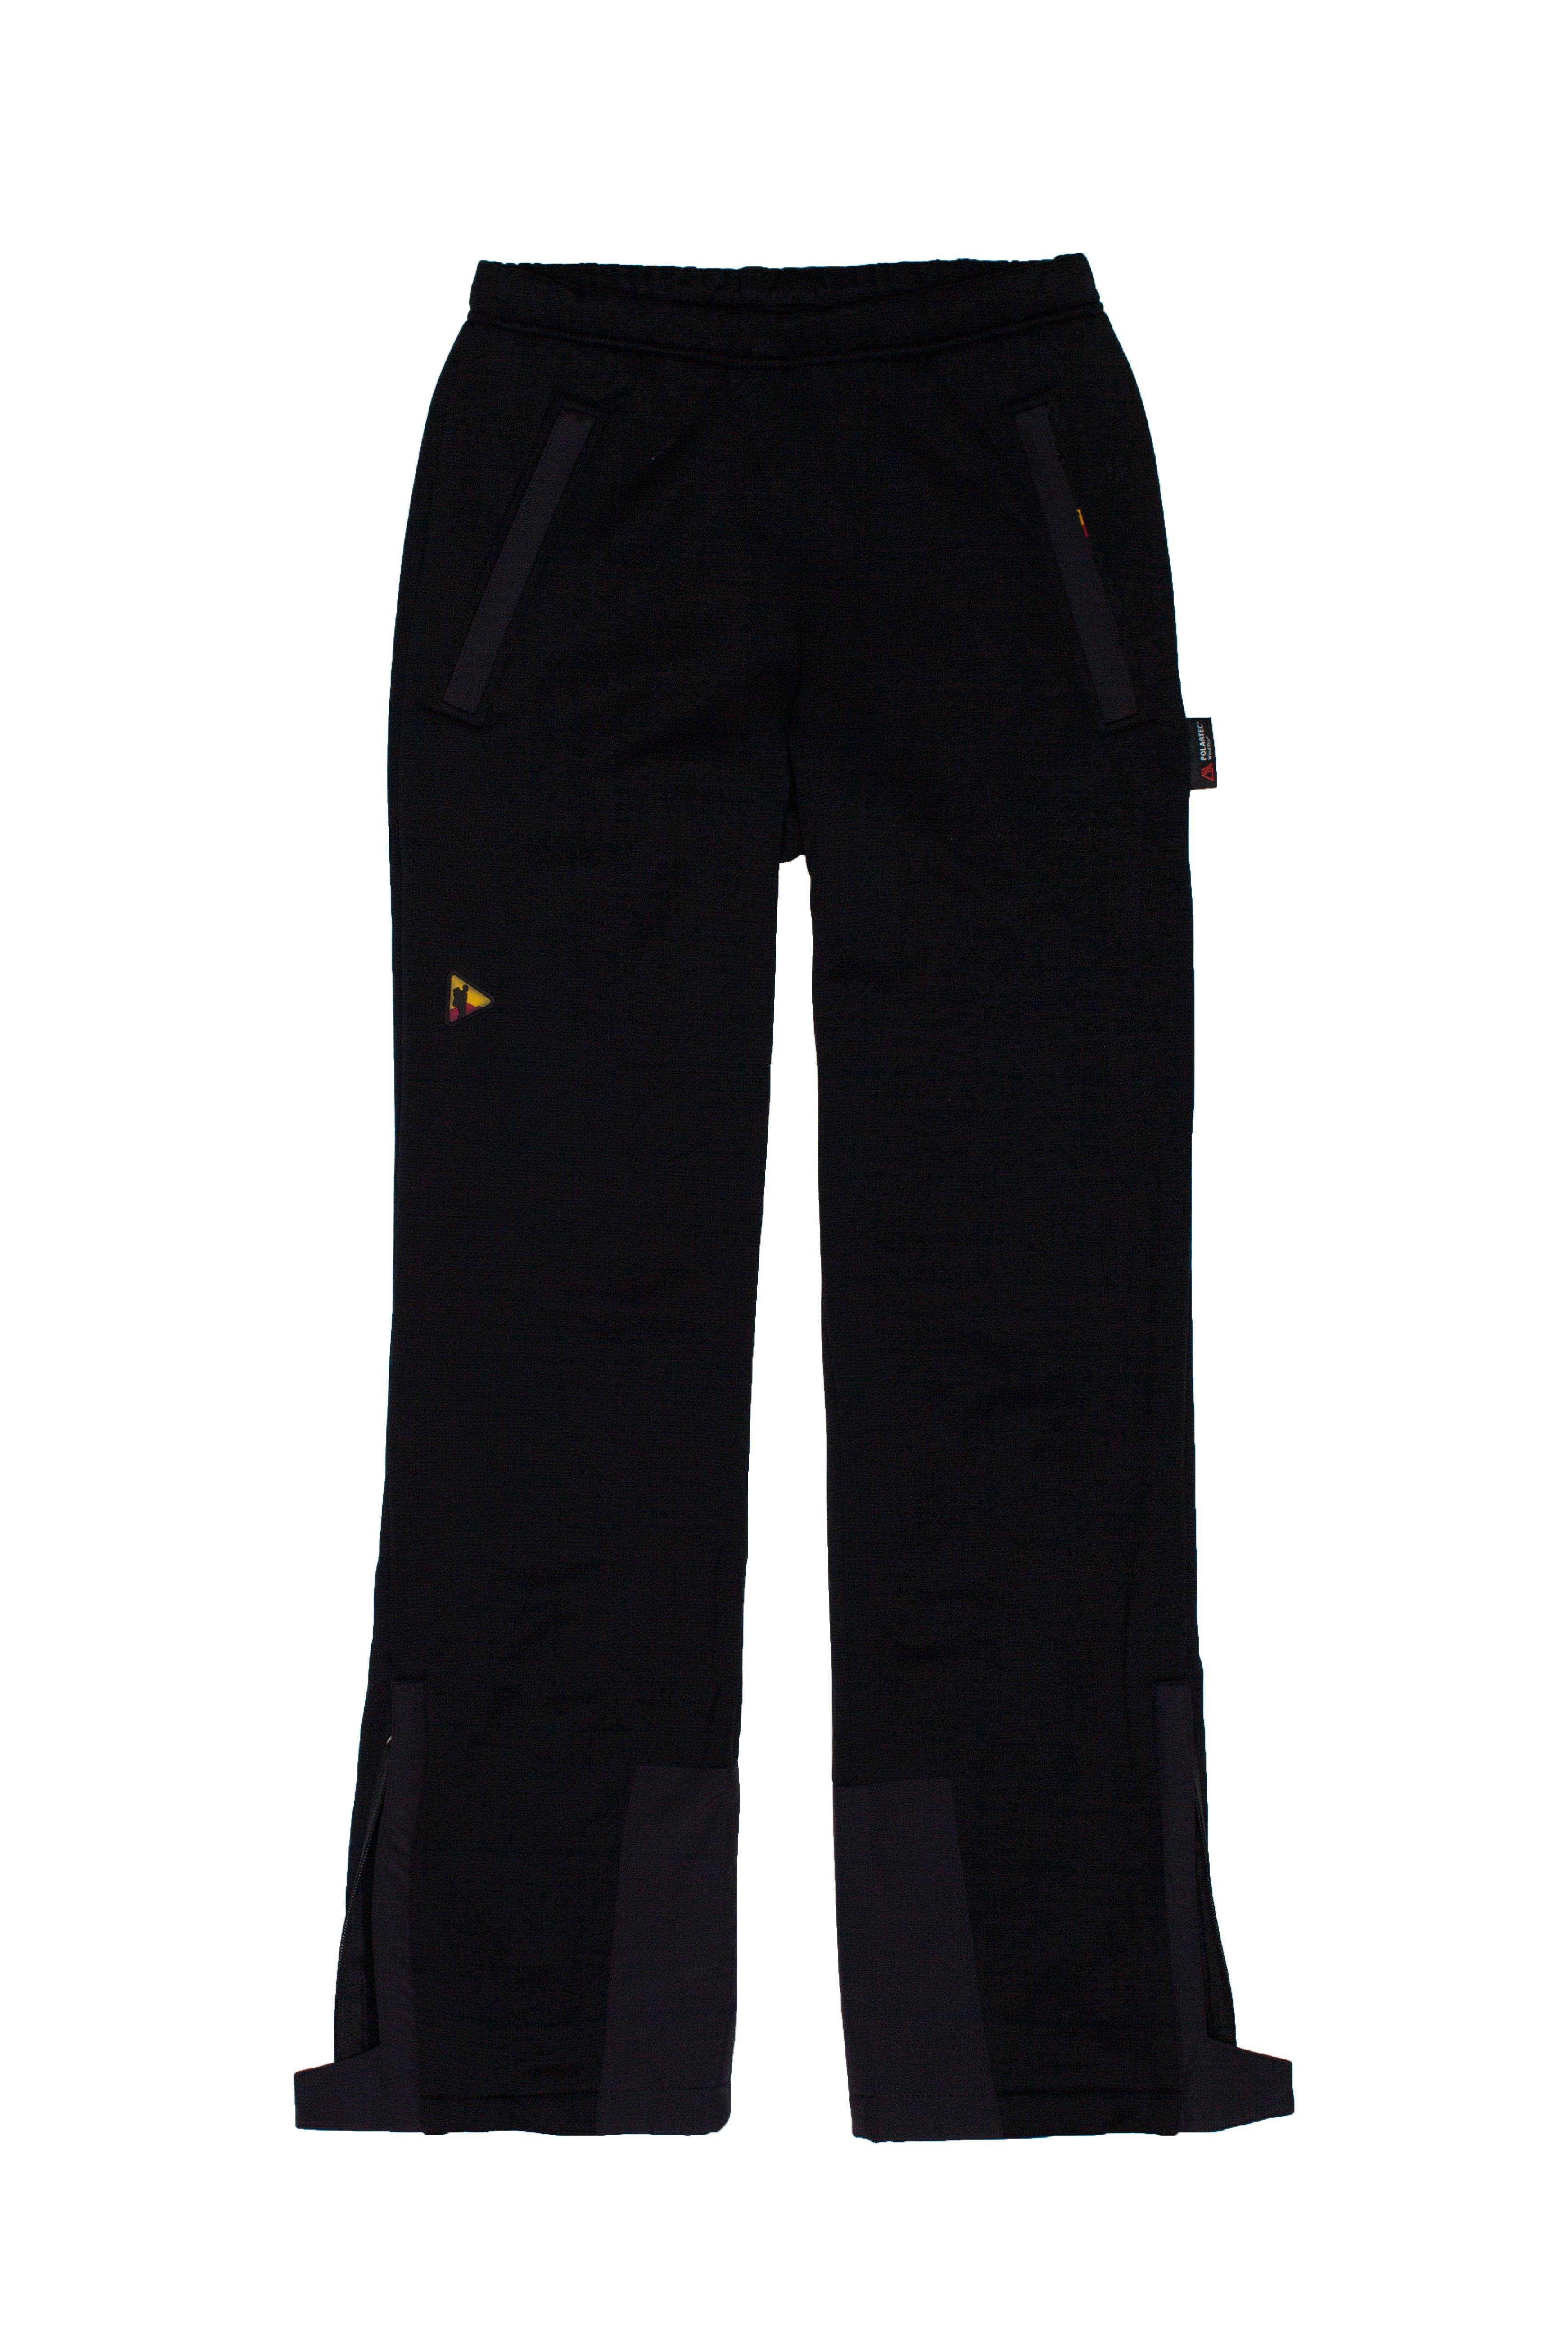 Брюки BASK BORA Light 3786Универсальные спортивные брюки из легкой и&amp;nbsp;тёплой ветрозащитной ткани Polartec® Wind Pro®.<br><br>Верхняя ткань: Polartec Wind Pro<br>Вес граммы: 545<br>Влагозащитные молнии: Нет<br>Количество внешних карманов: 3<br>Объемный крой коленей: Да<br>Отстегивающийся задний клапан: Нет<br>Пол: Унисекс<br>Регулировка объема нижней части штанин: Нет<br>Регулировка пояса: Да<br>Регулируемые бретели: Нет<br>Регулируемые вентиляционные отверстия: Нет<br>Самосбросы: Нет<br>Система крепления к нижней части брюк: Нет<br>Снегозащитные муфты: Нет<br>Съемные защитные вкладыши: Нет<br>Технология Thermal Welding: Нет<br>Усиление швов закрепками: Нет<br>Функциональная молния спереди: Нет